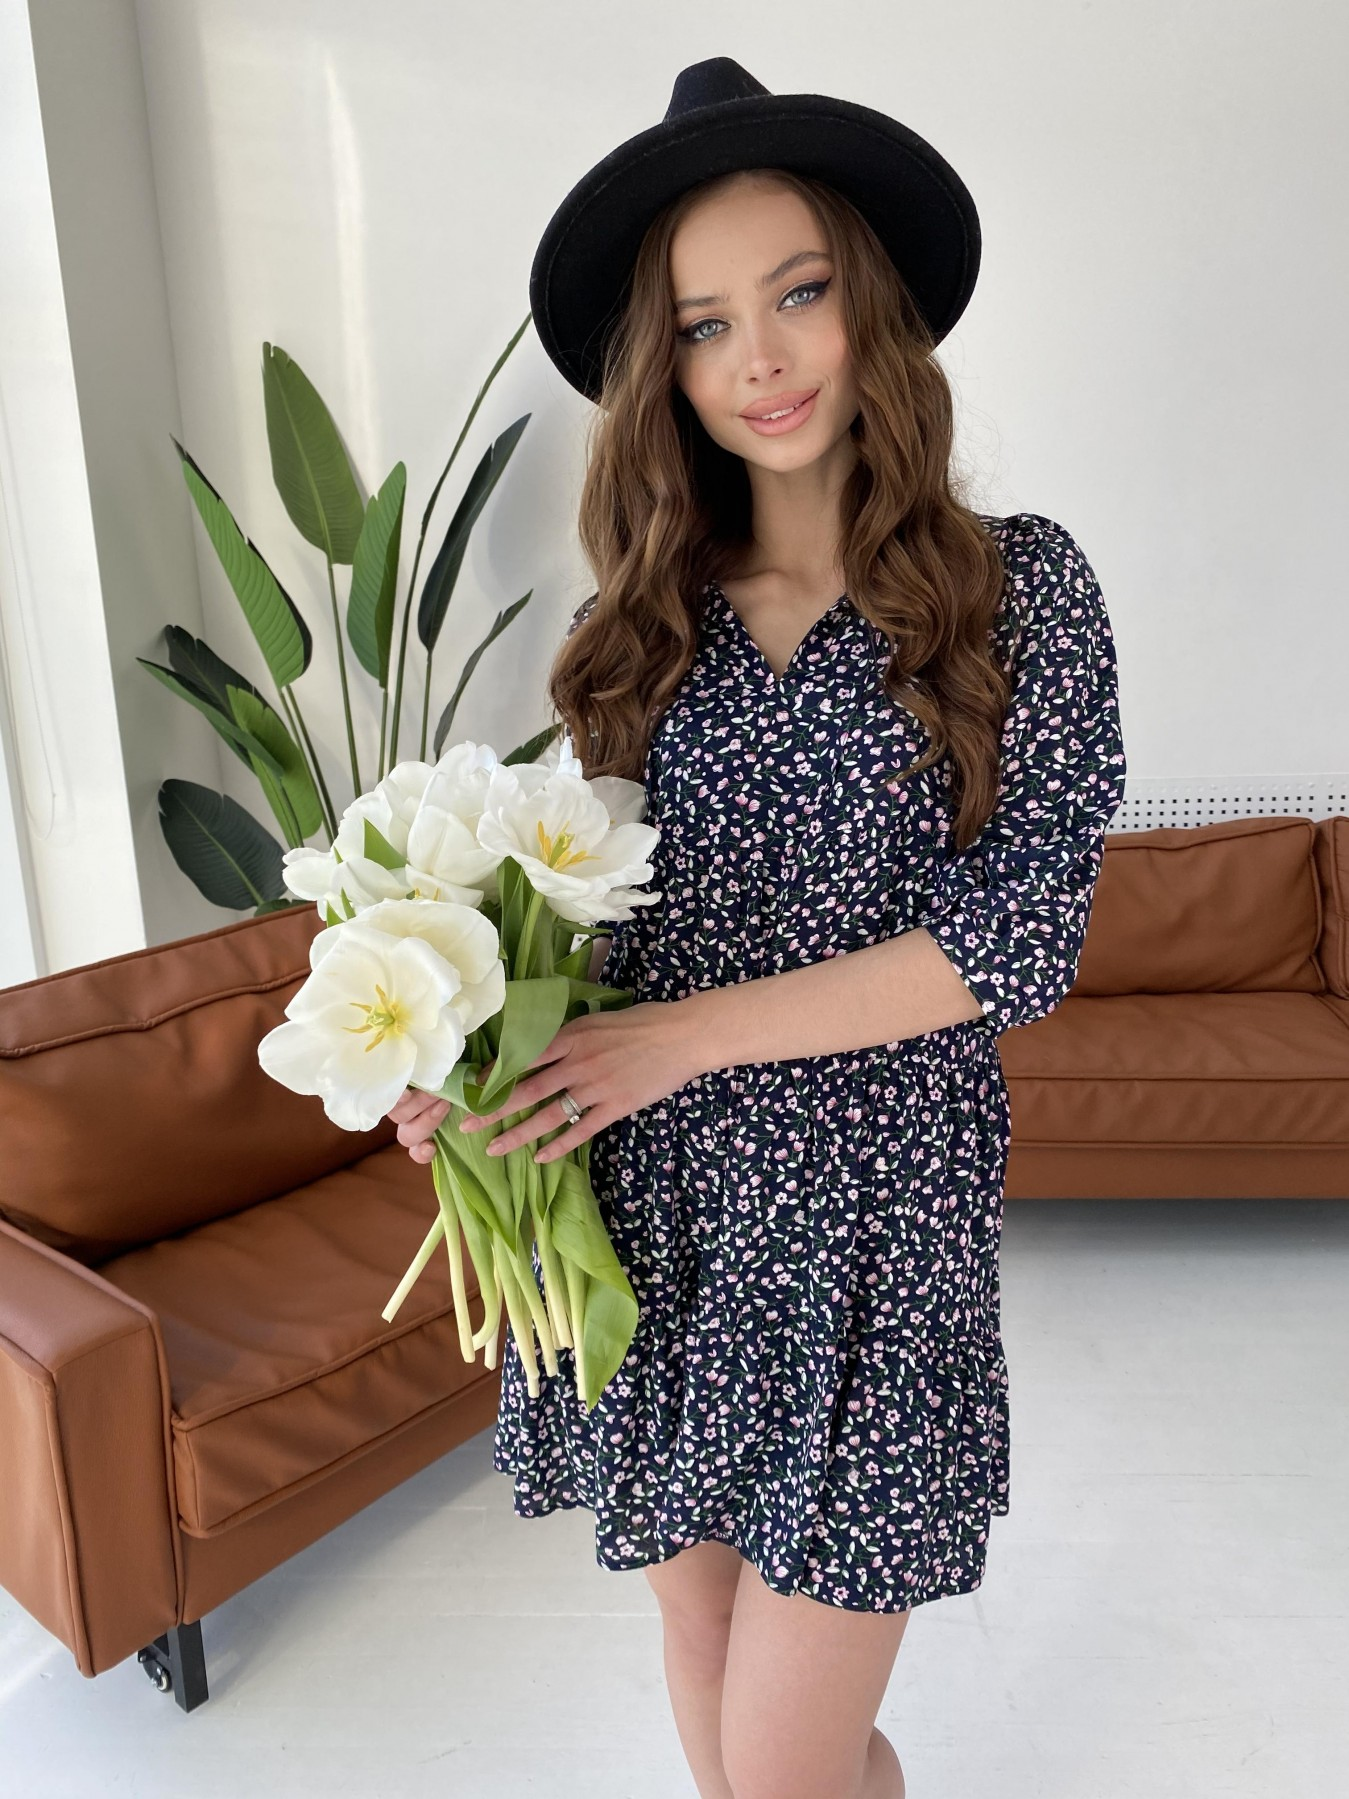 Нинель штапель принт платье 10877 АРТ. 47348 Цвет: Цветы мел т.син/бел/роз - фото 2, интернет магазин tm-modus.ru